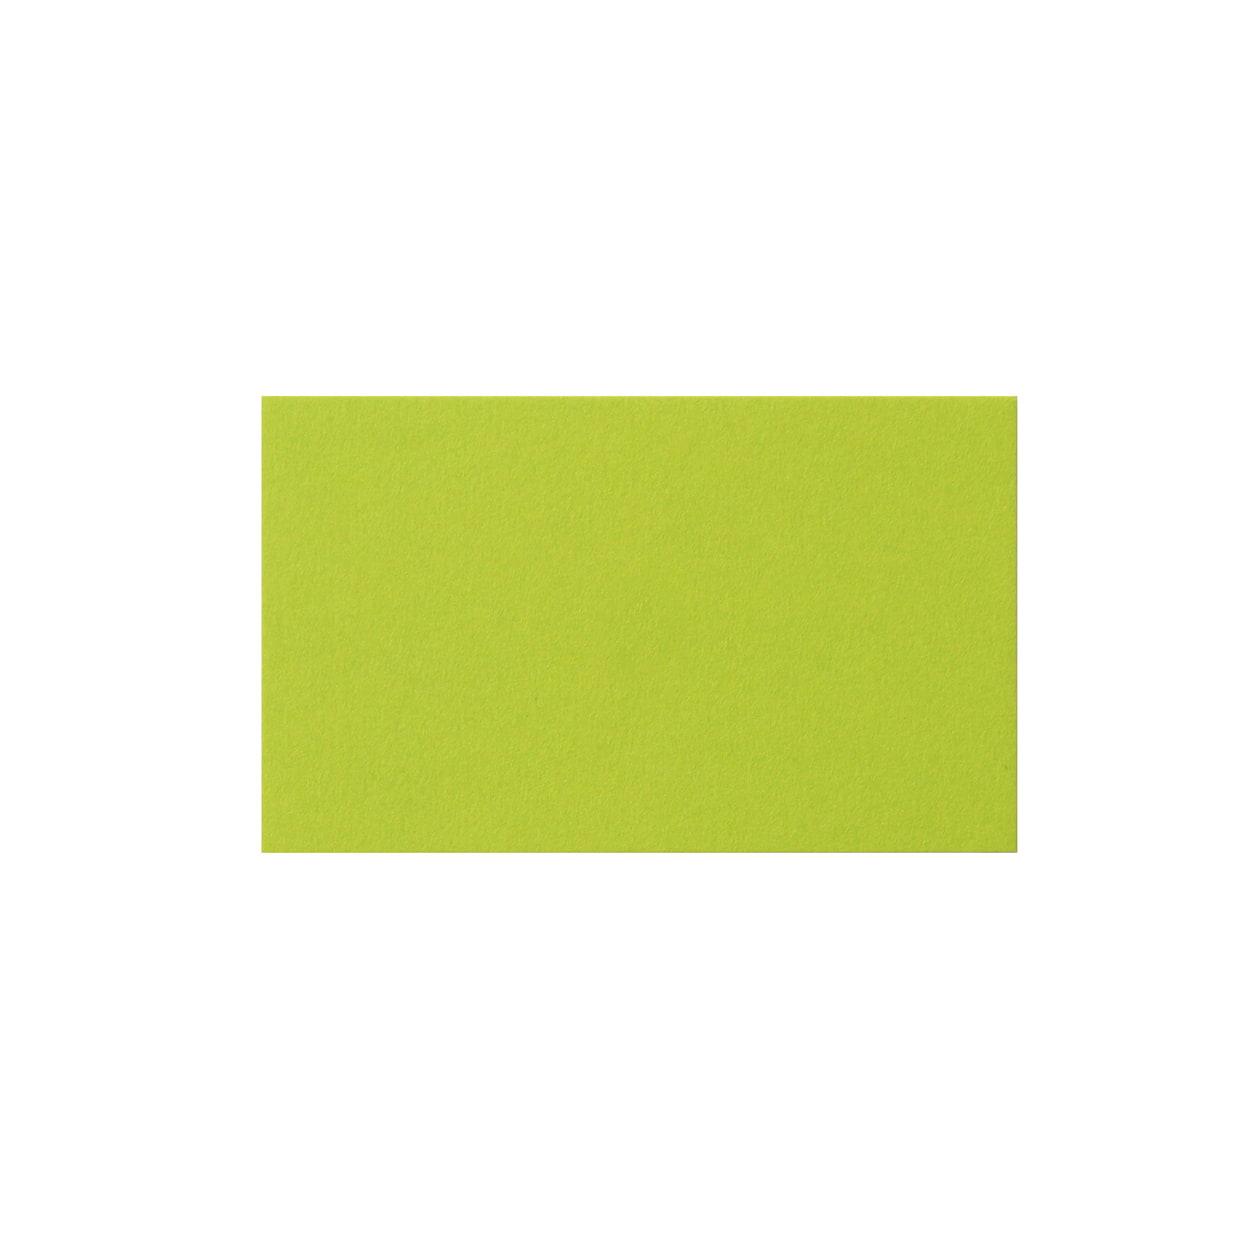 ネームカード コットン(NTラシャ) 黄緑 151.2g